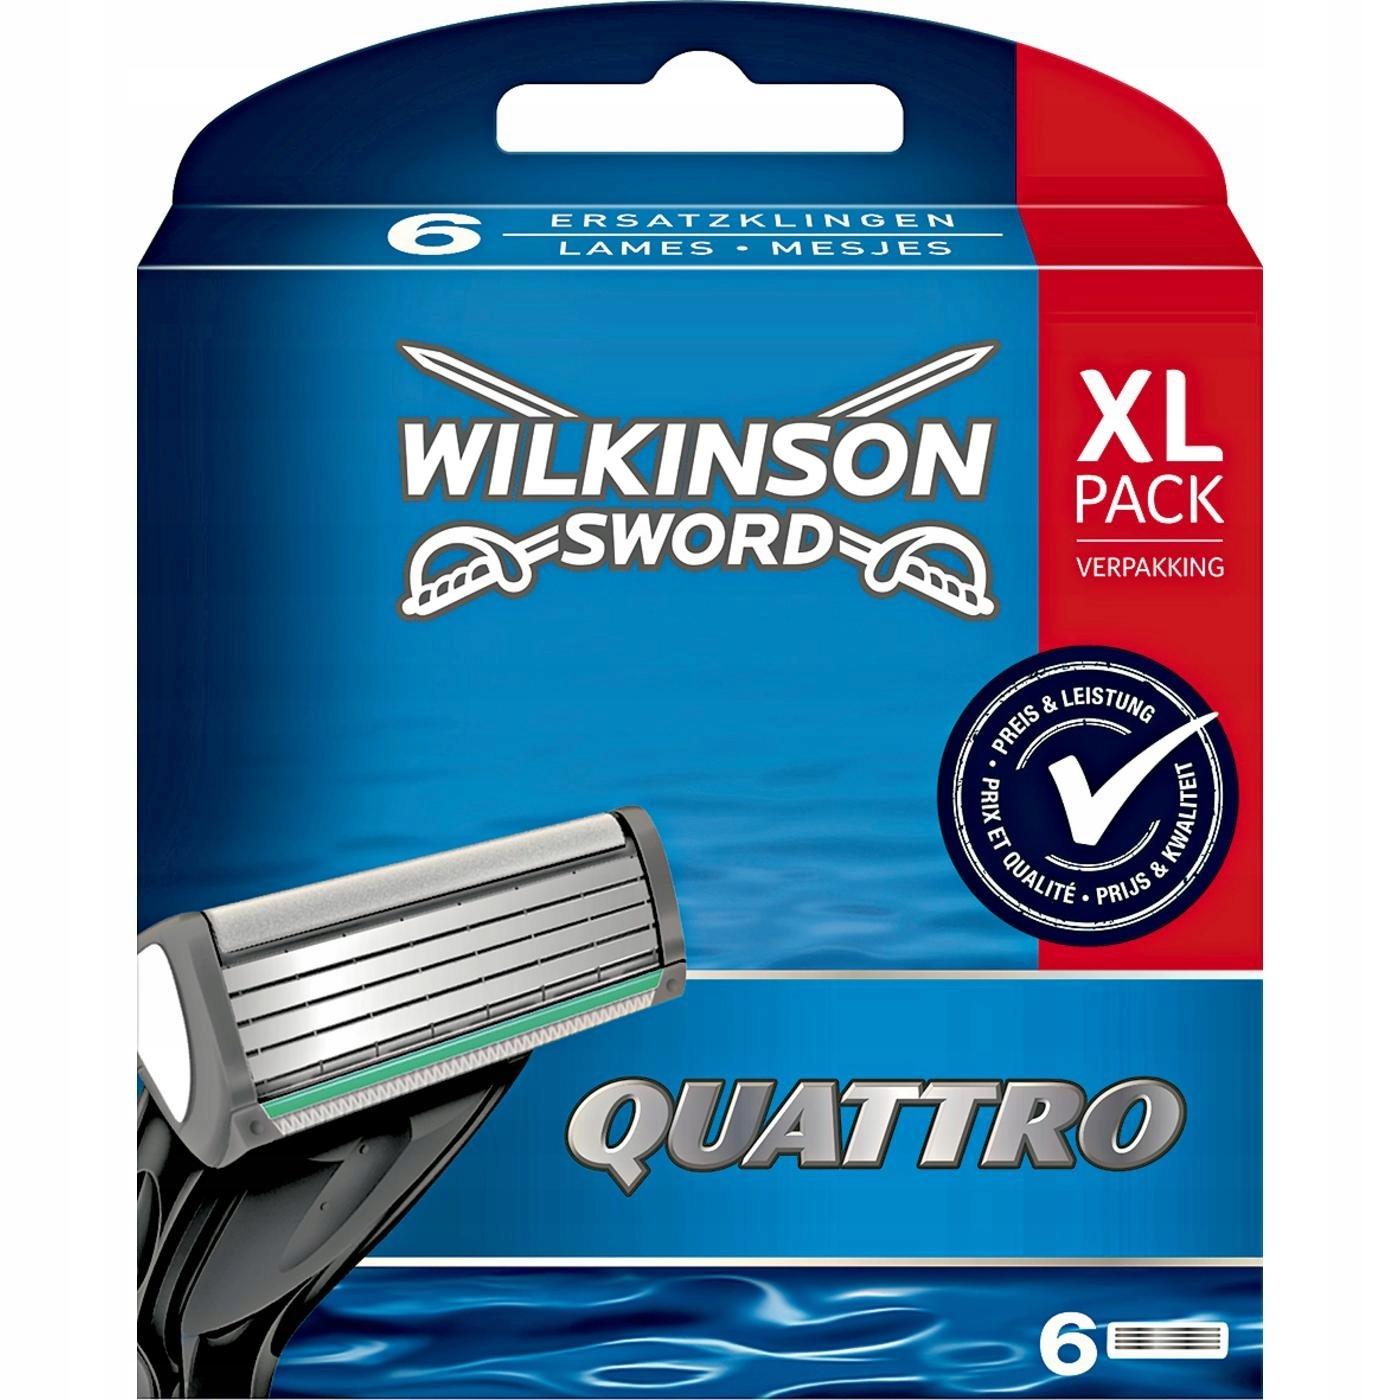 Schick / Wilkinson Sword Quattro сменные кассеты (6 шт)